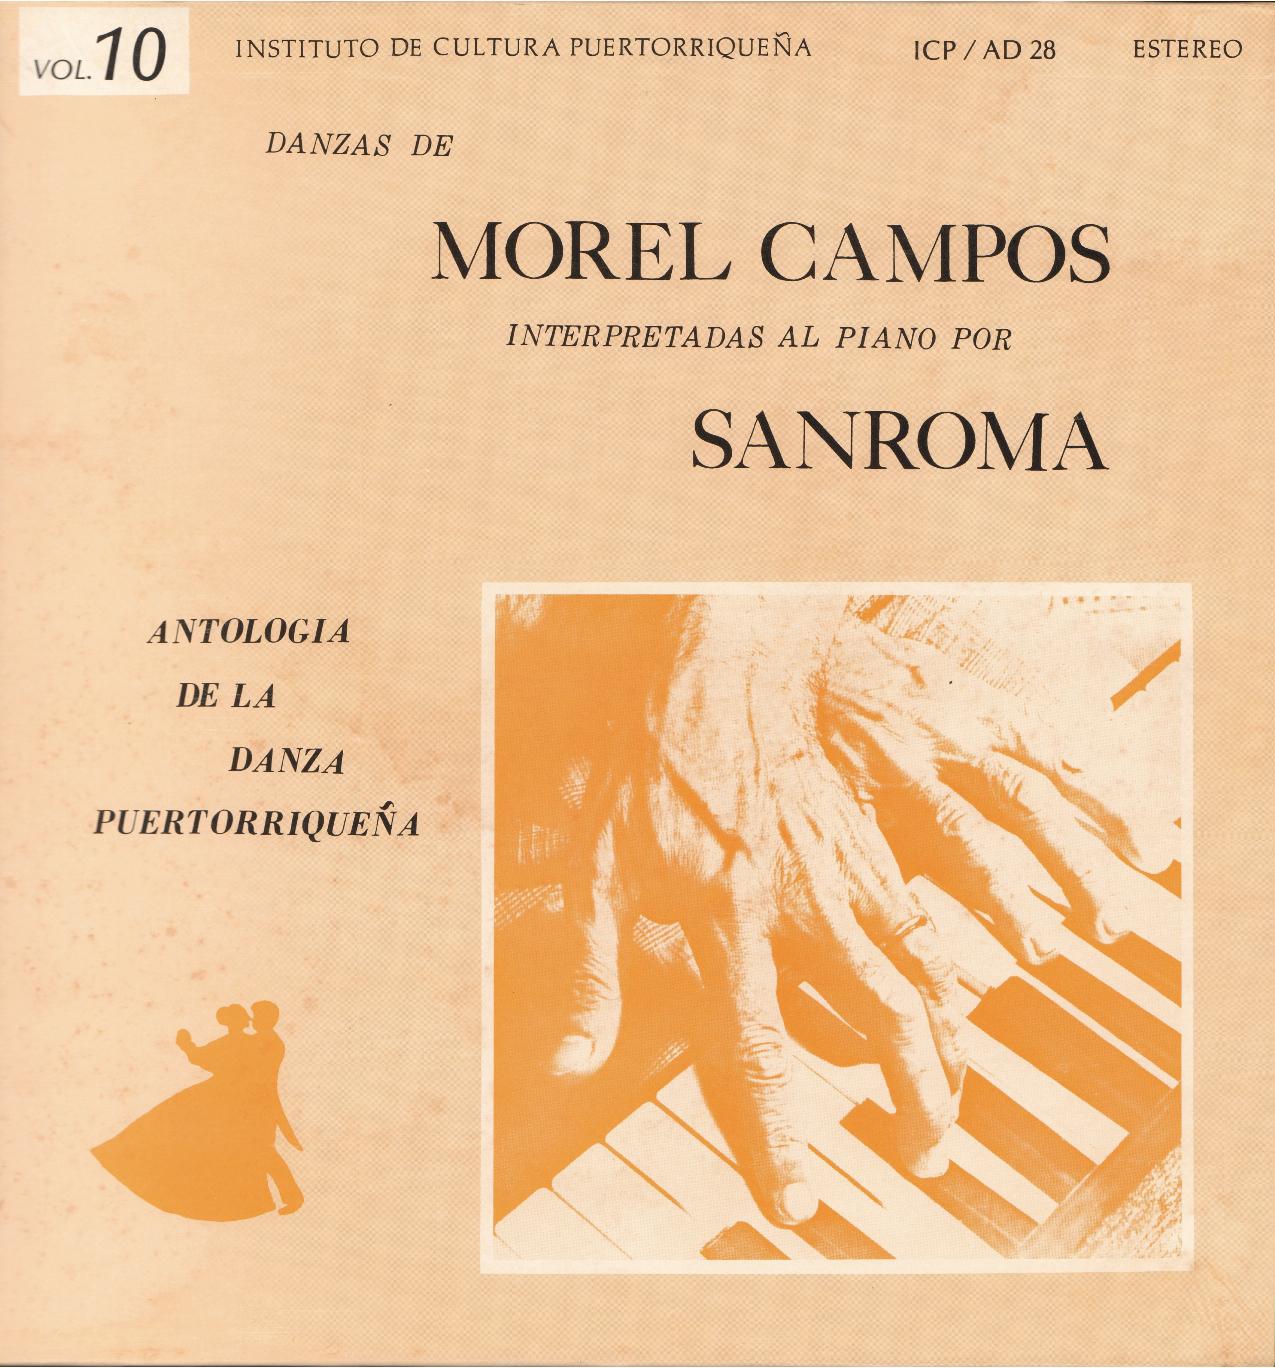 Danzas de Morel Campos Vol. 10